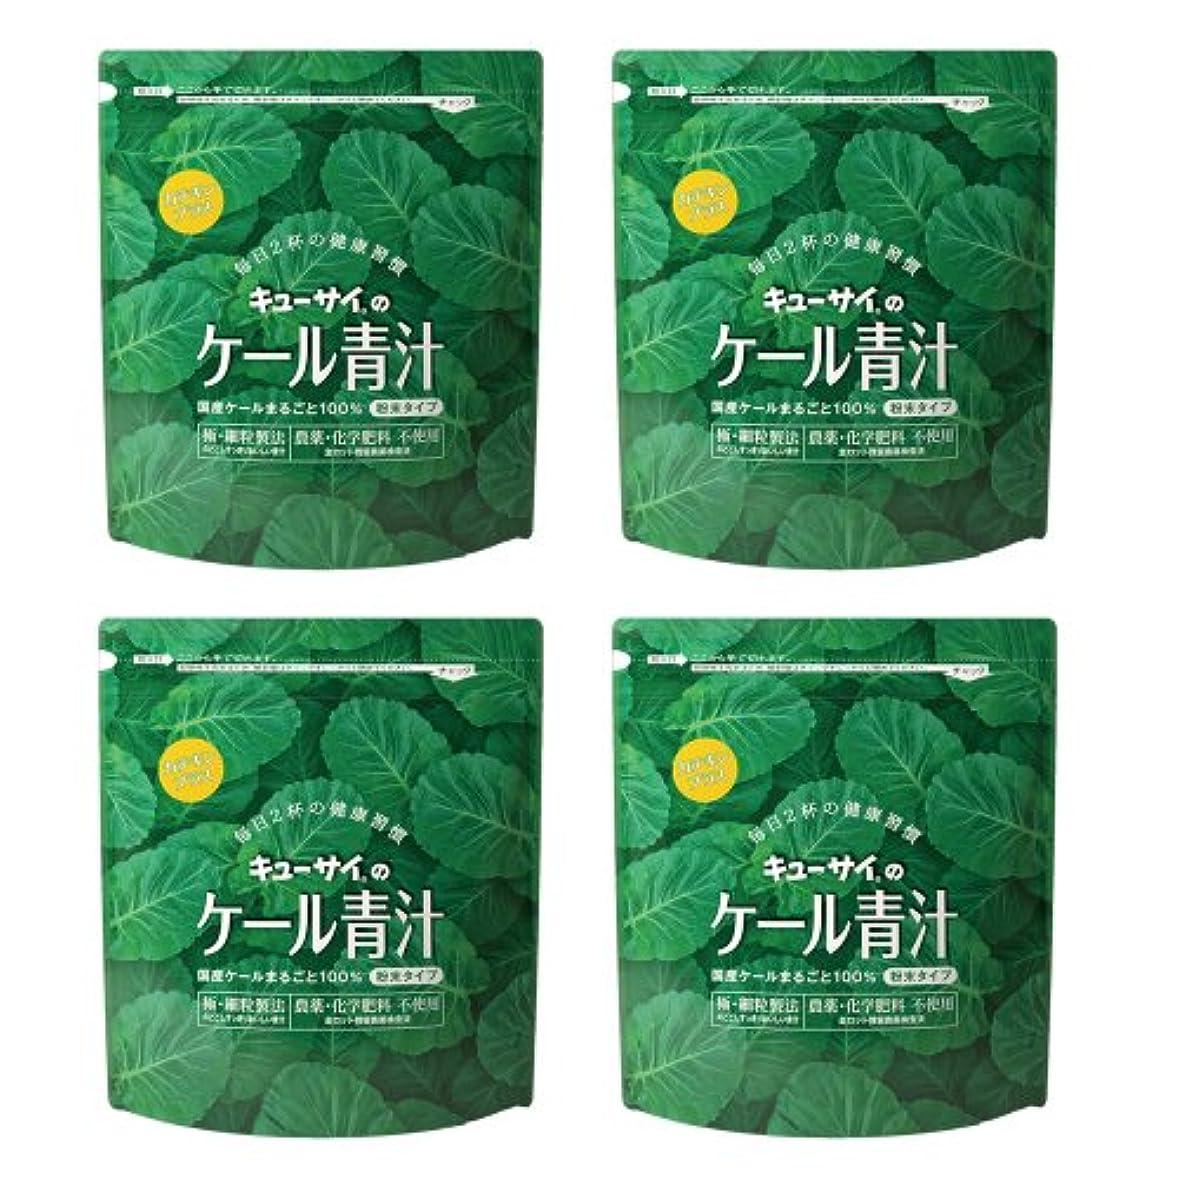 従事したクラッシュほとんどないキューサイ青汁カテキンプラス420g(粉末タイプ)4袋まとめ買い【1袋420g(約1カ月分)】